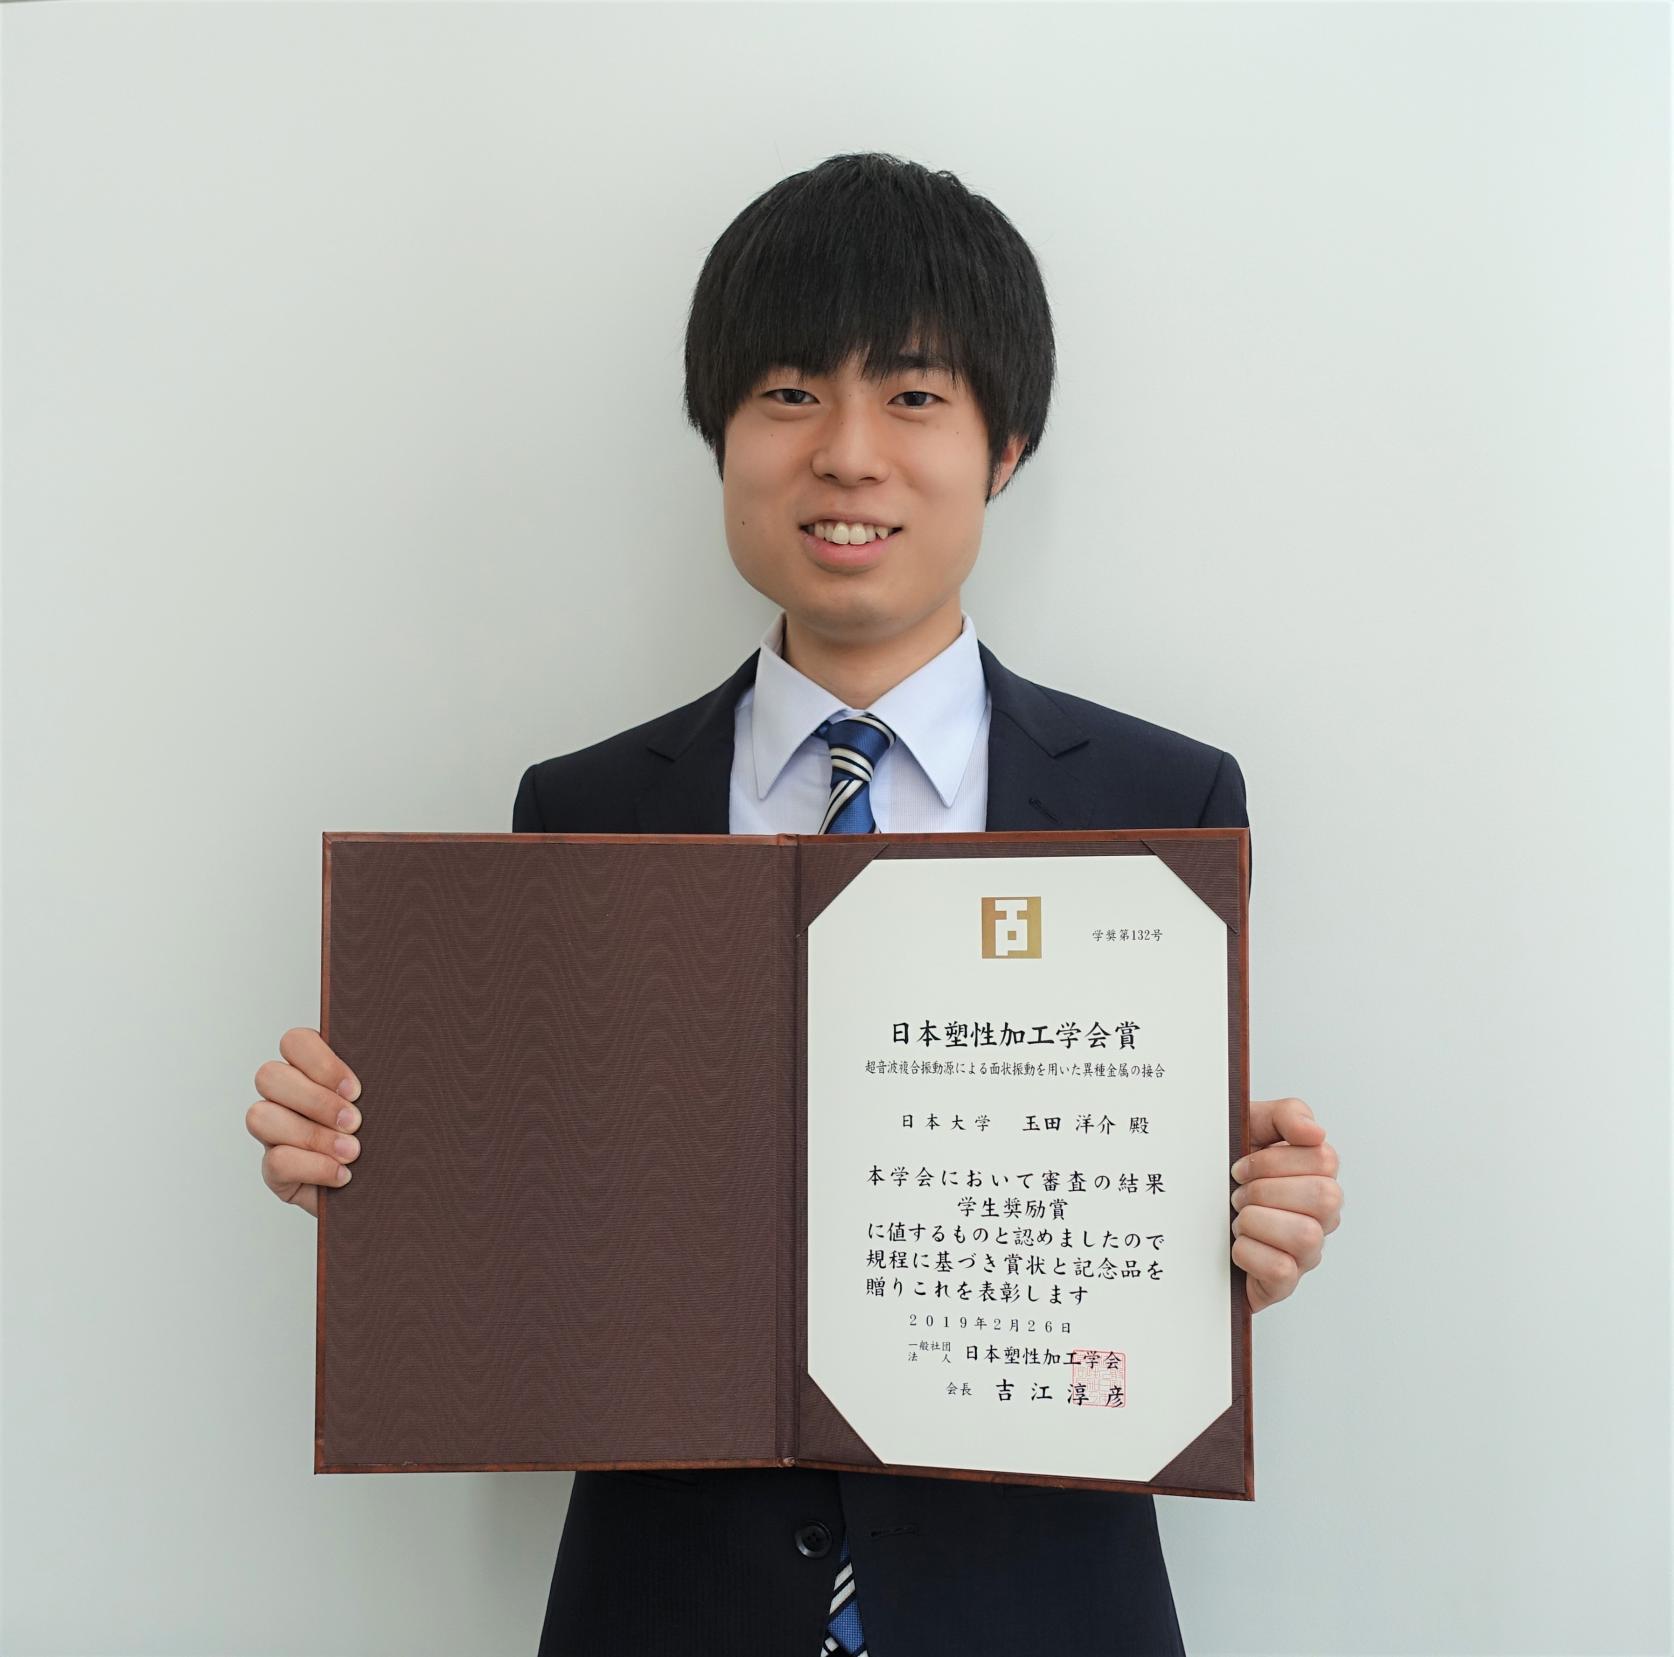 電気工学専攻2年の玉田洋介さんが「日本塑性加工学会」において、日本塑性加工学会賞 学生奨励賞を受賞しました。